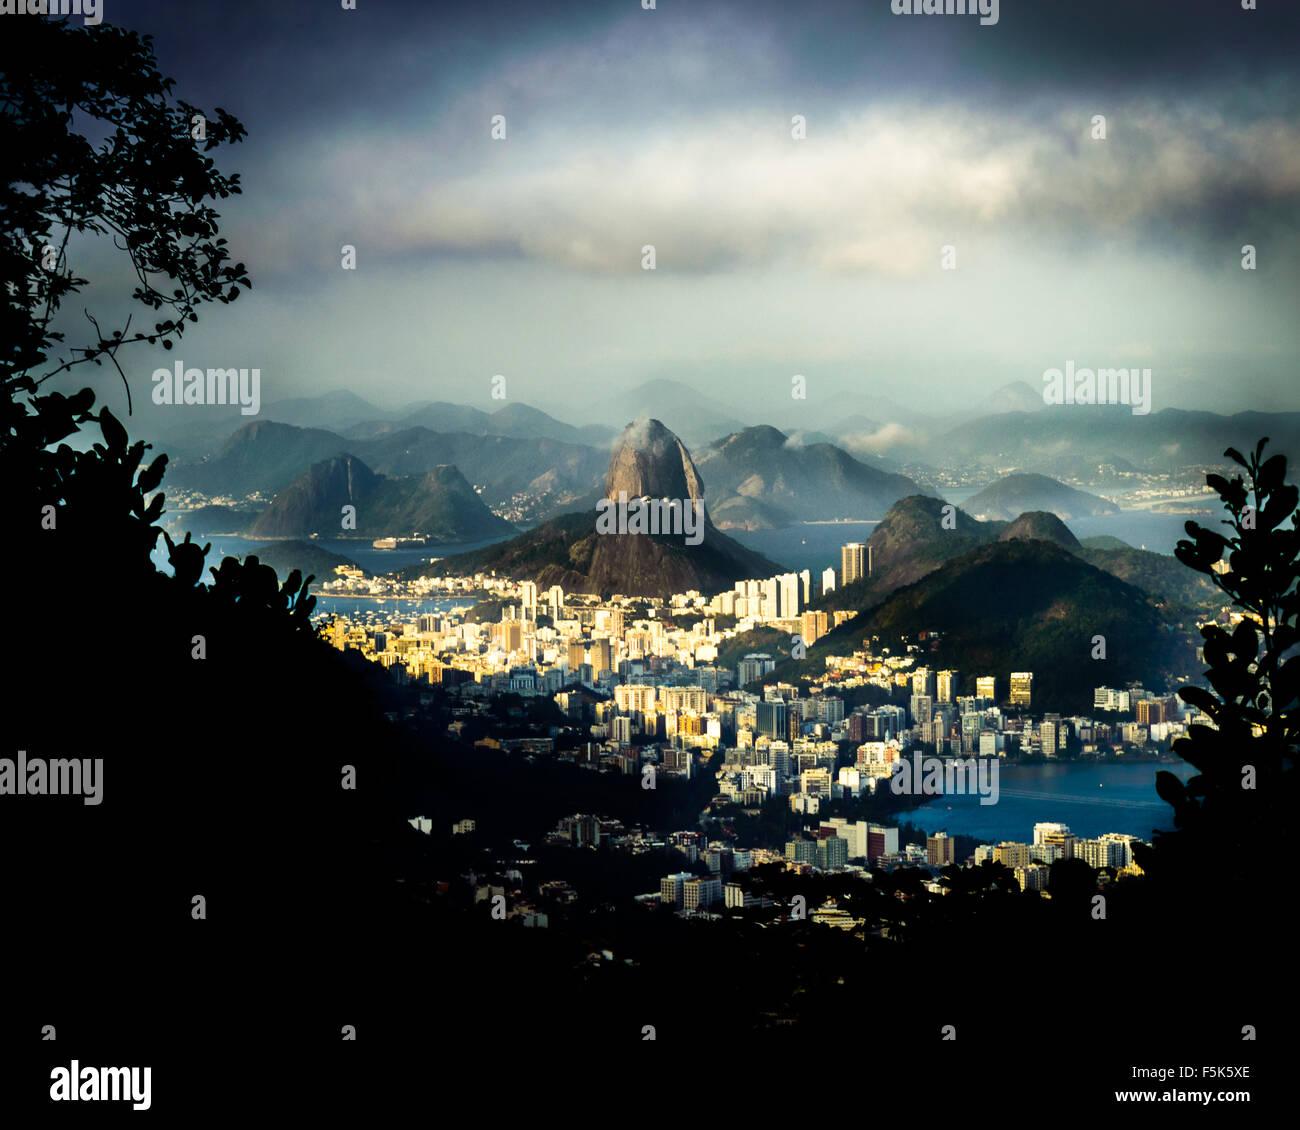 pao-de-acucar-sugar-loaf-mountain-in-rio-de-janeiro-brazil-F5K5XE.jpg